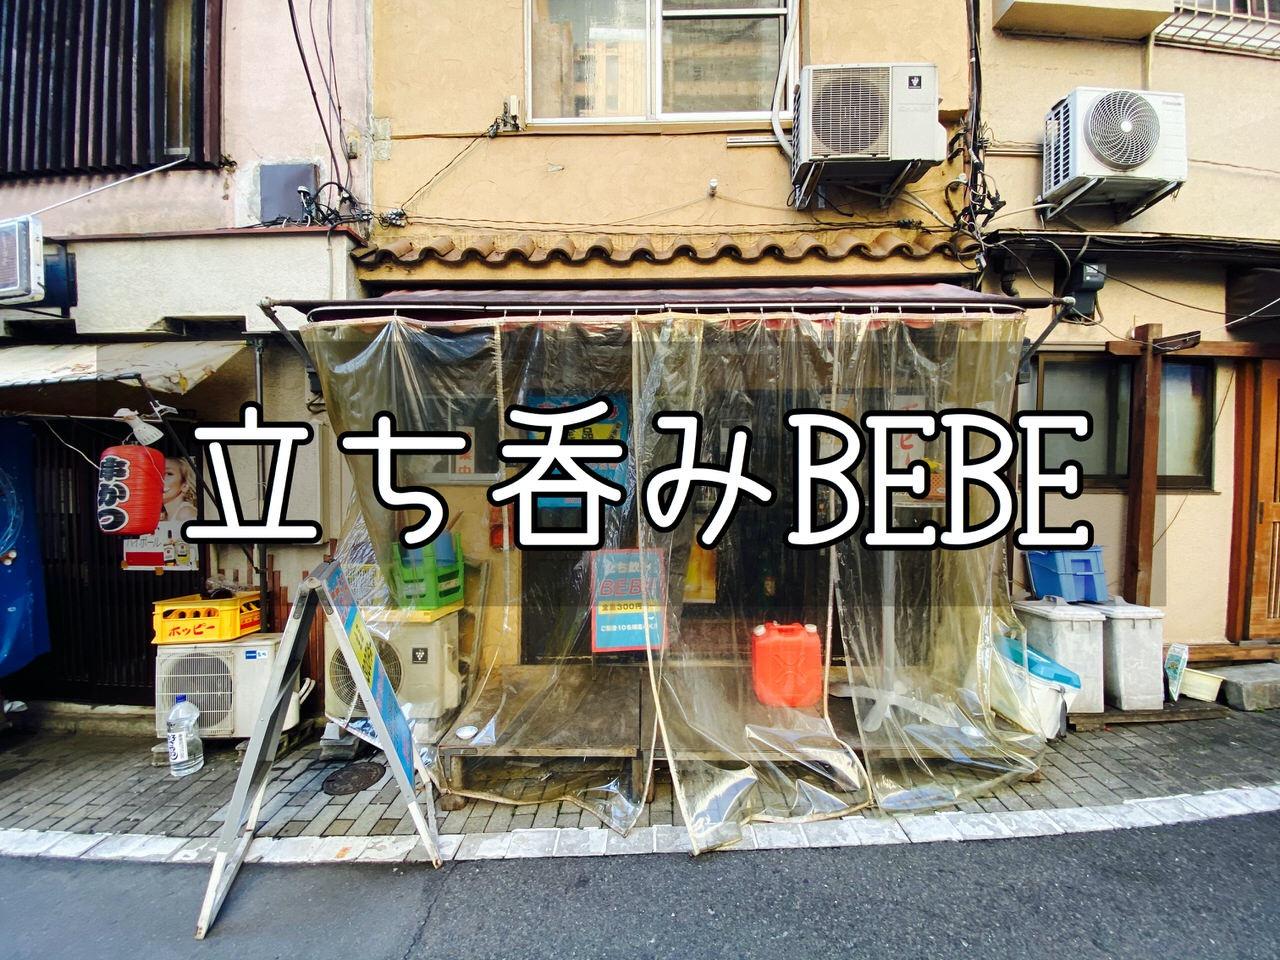 「立ち飲みBEBE」全品300円の駅チカ酒場(板橋)